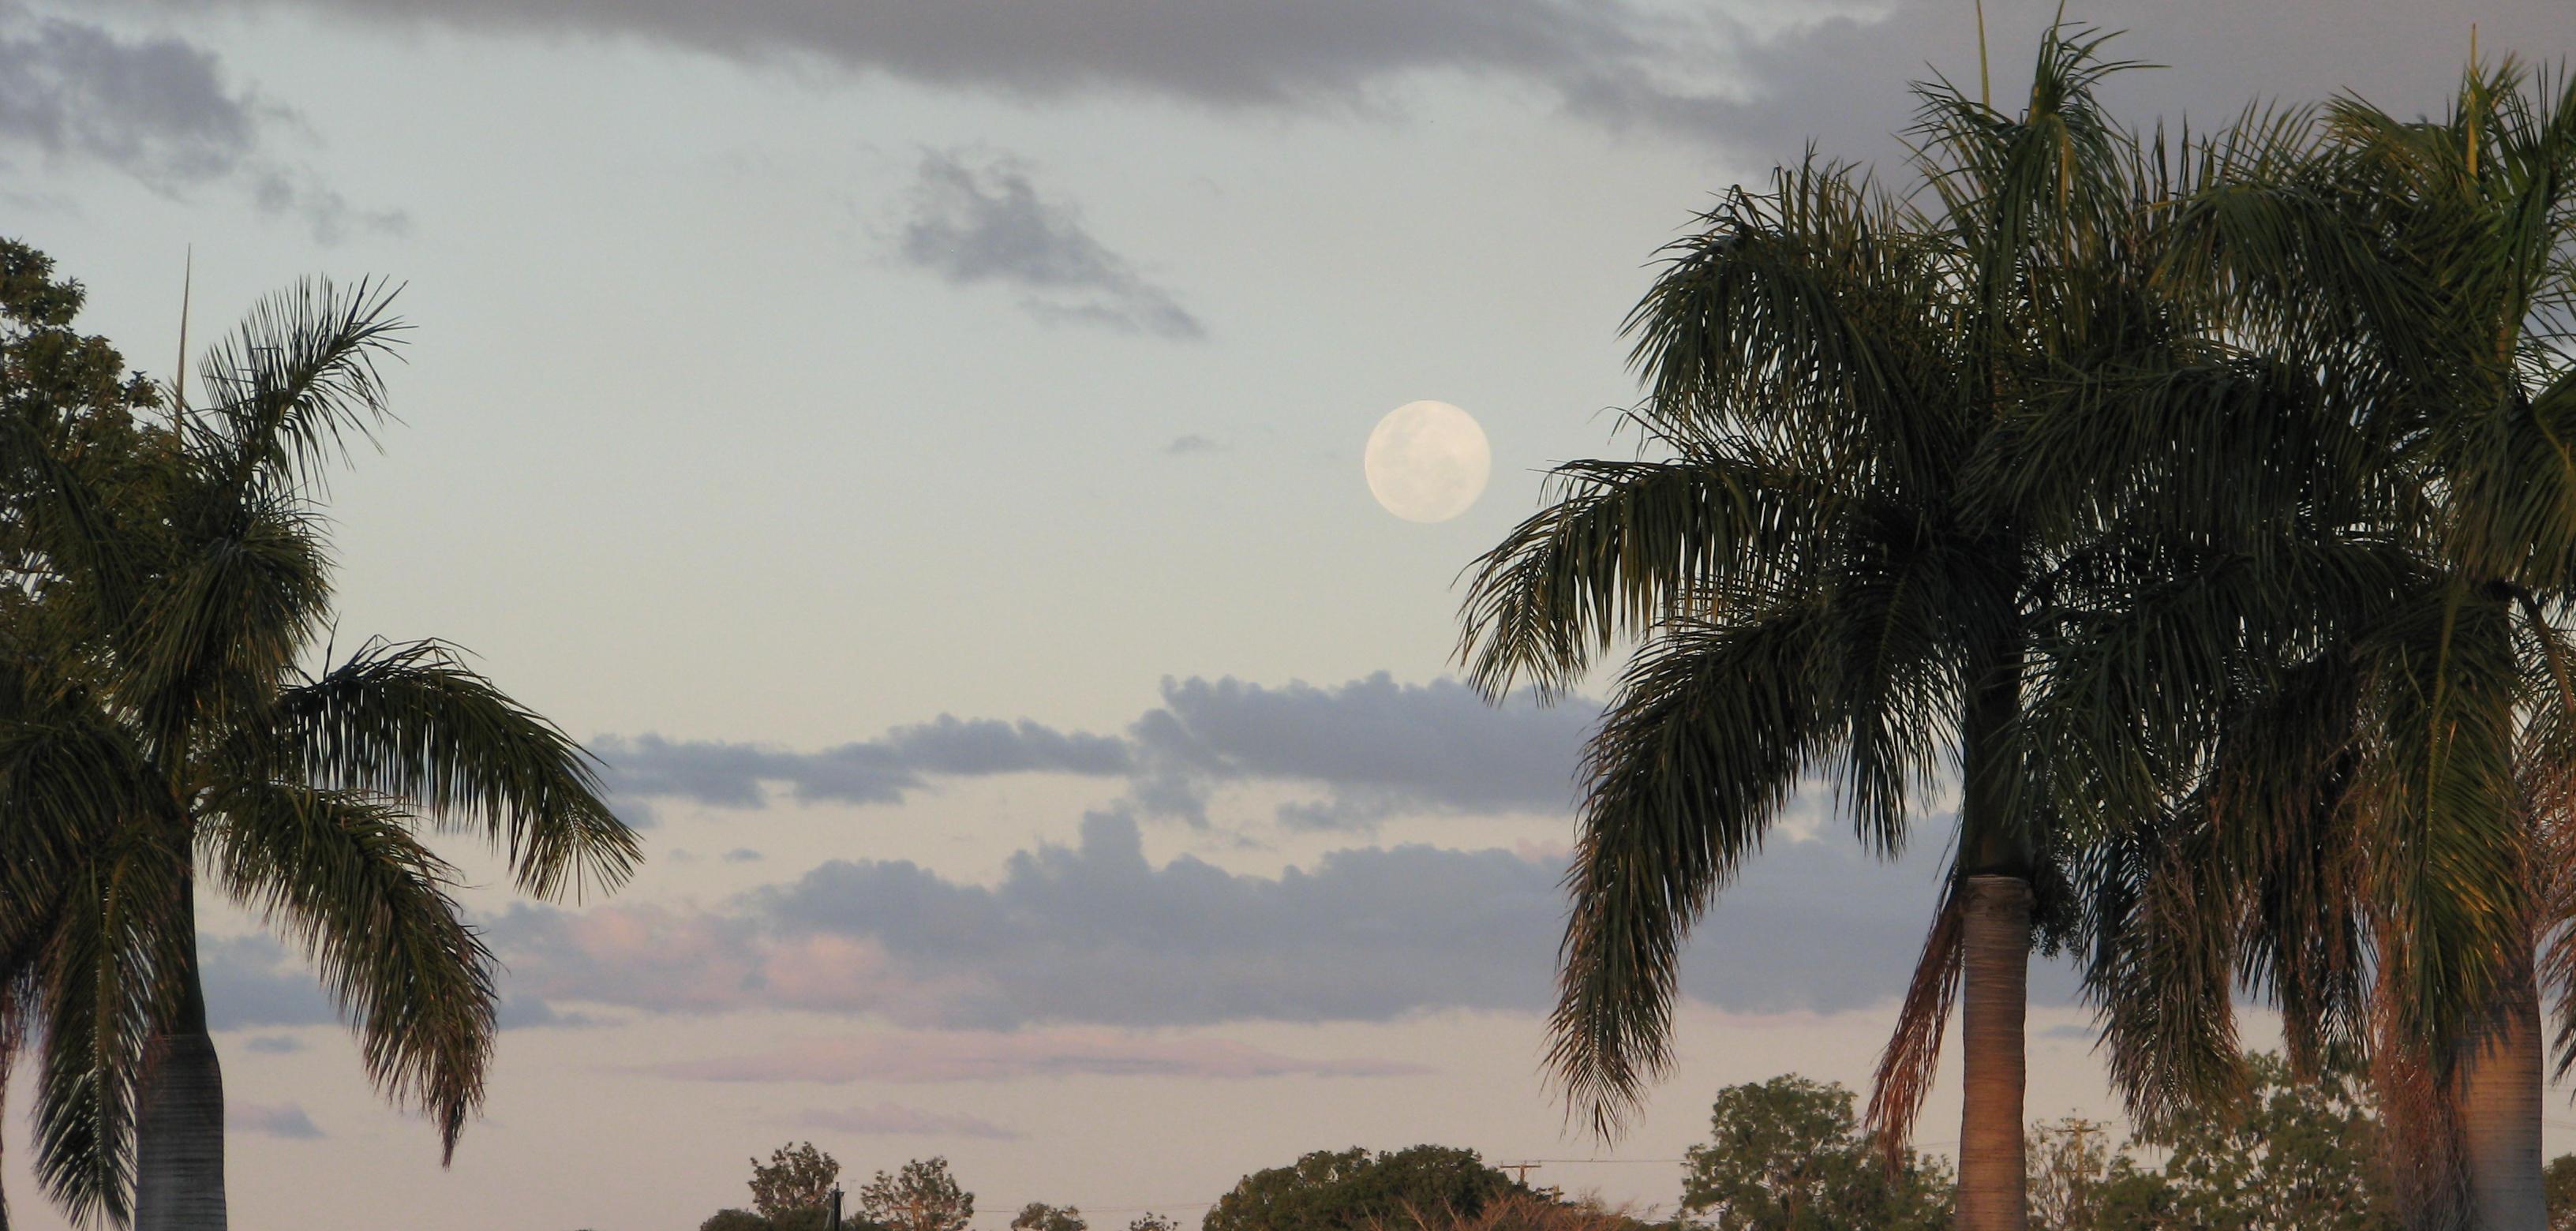 Full Moon over the Burnett River, Bundaberg